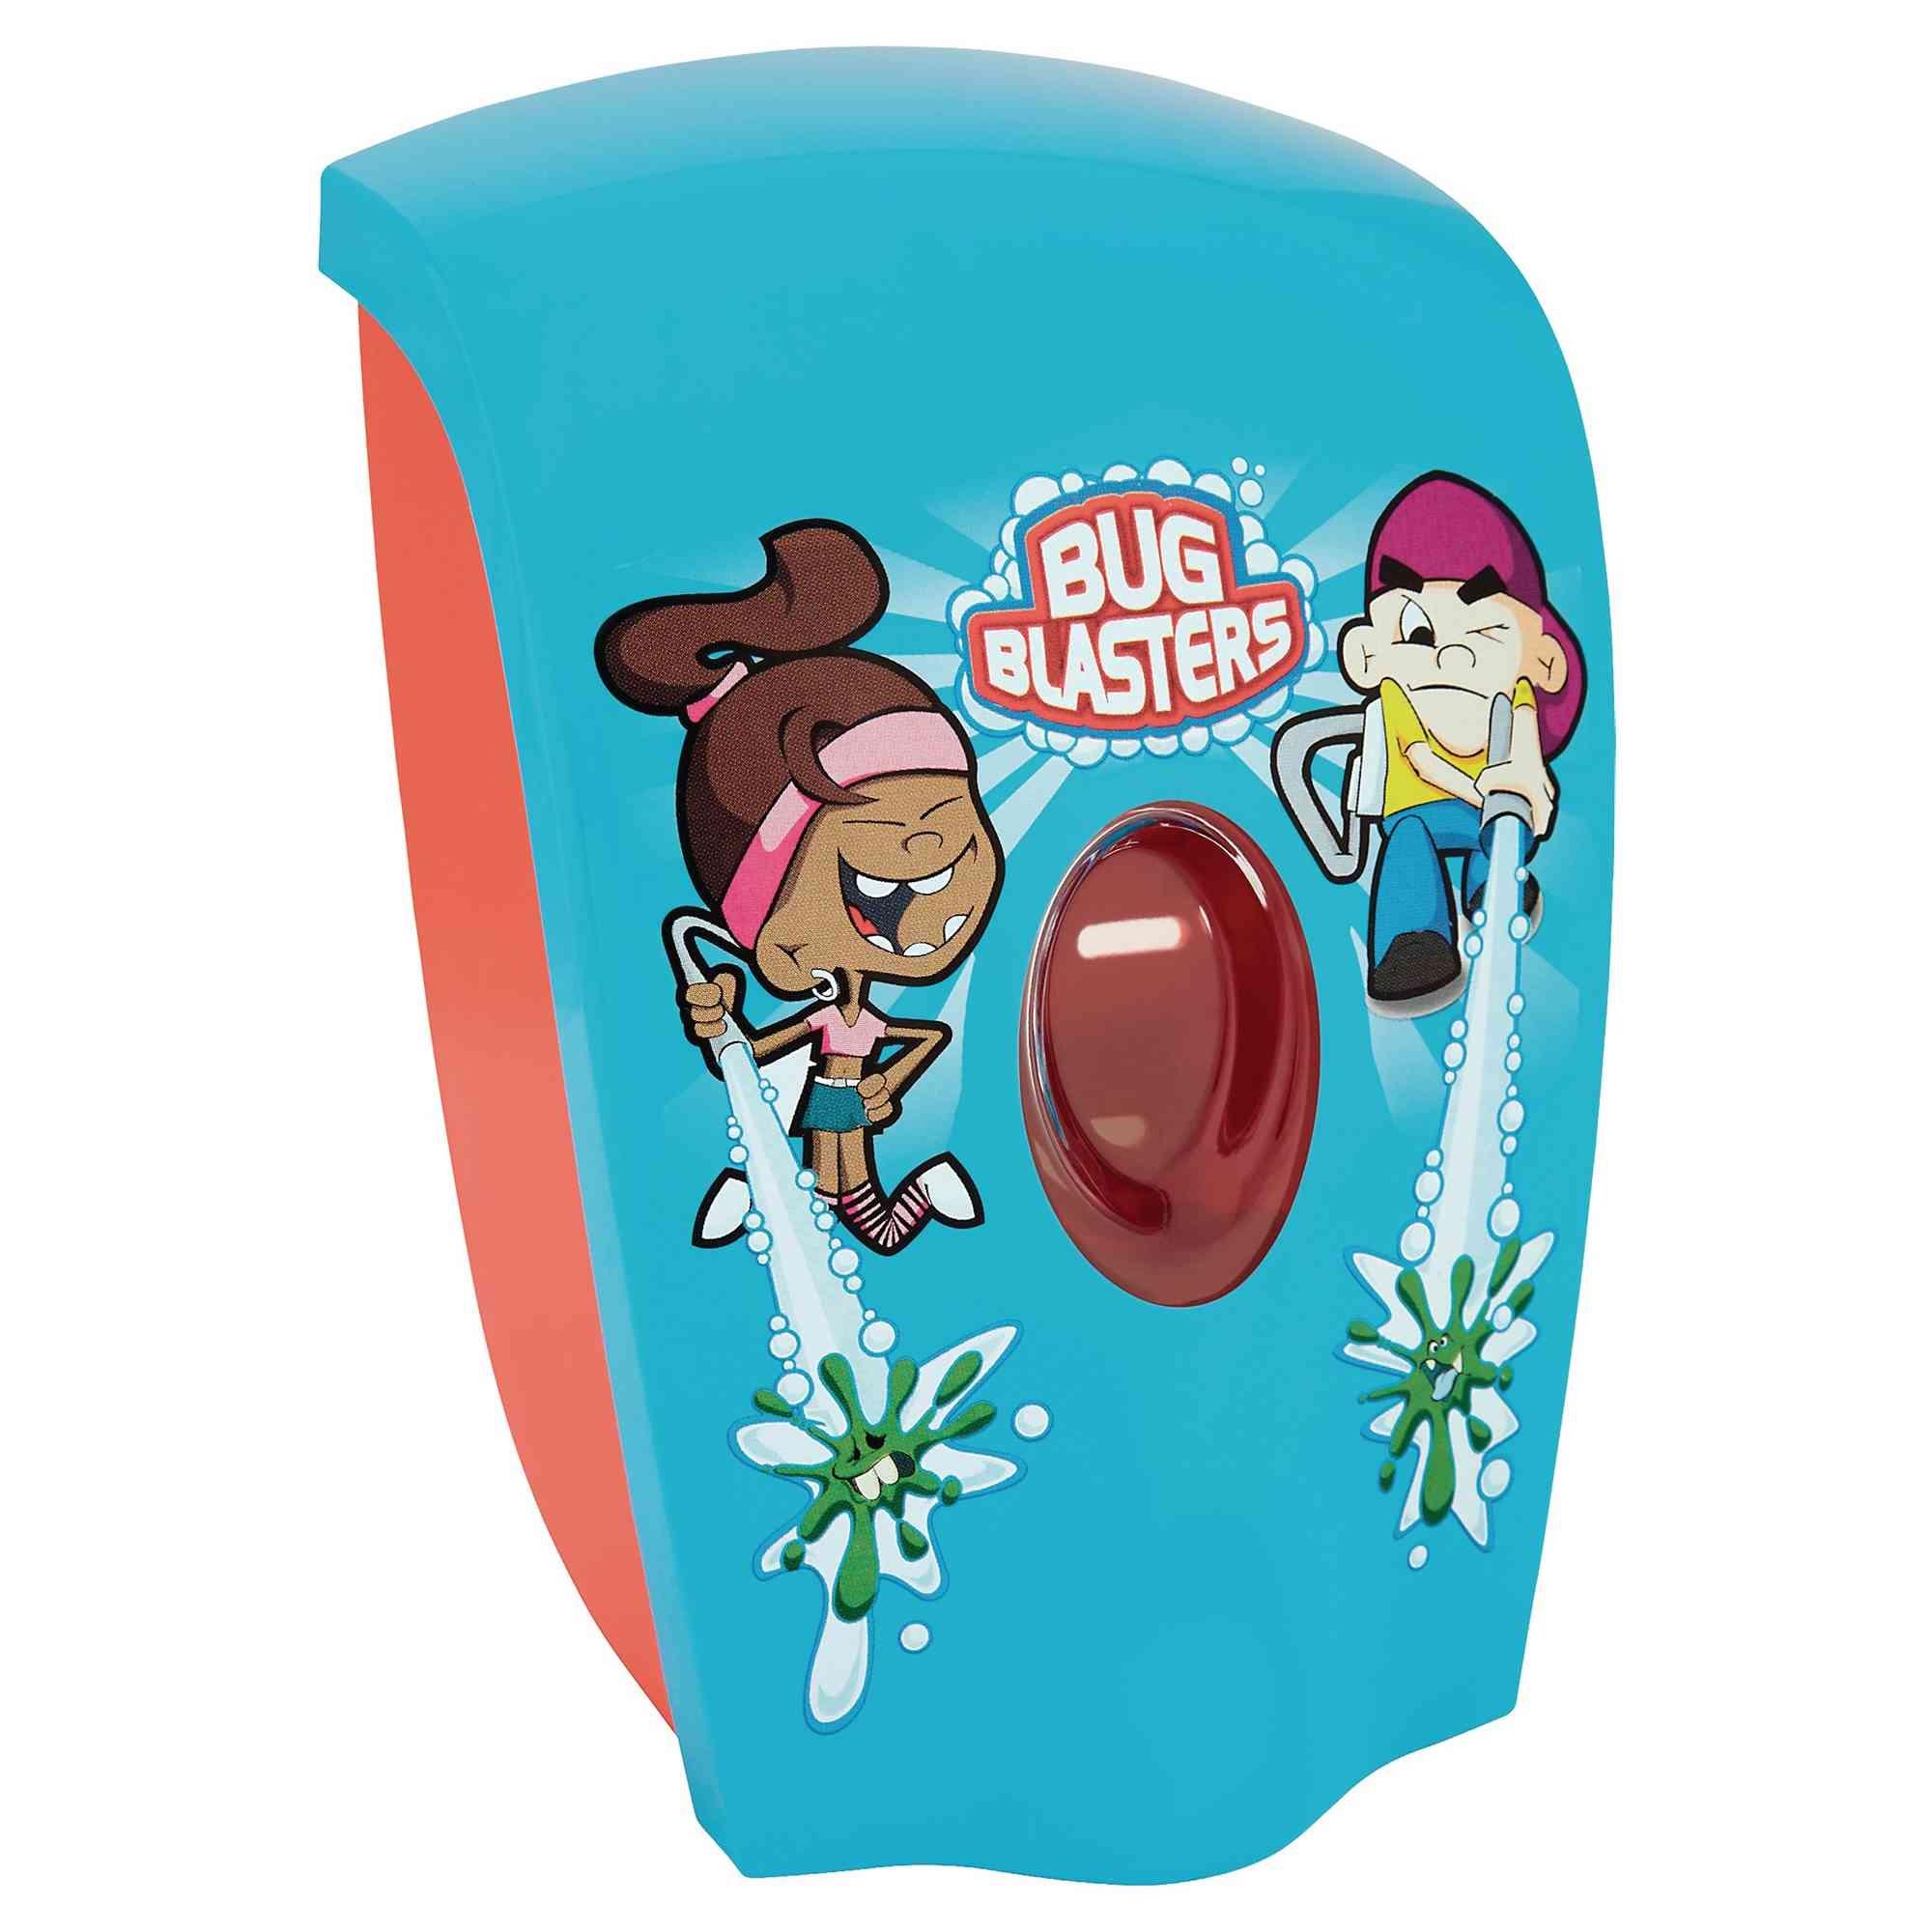 Softcare Bug Dispenser